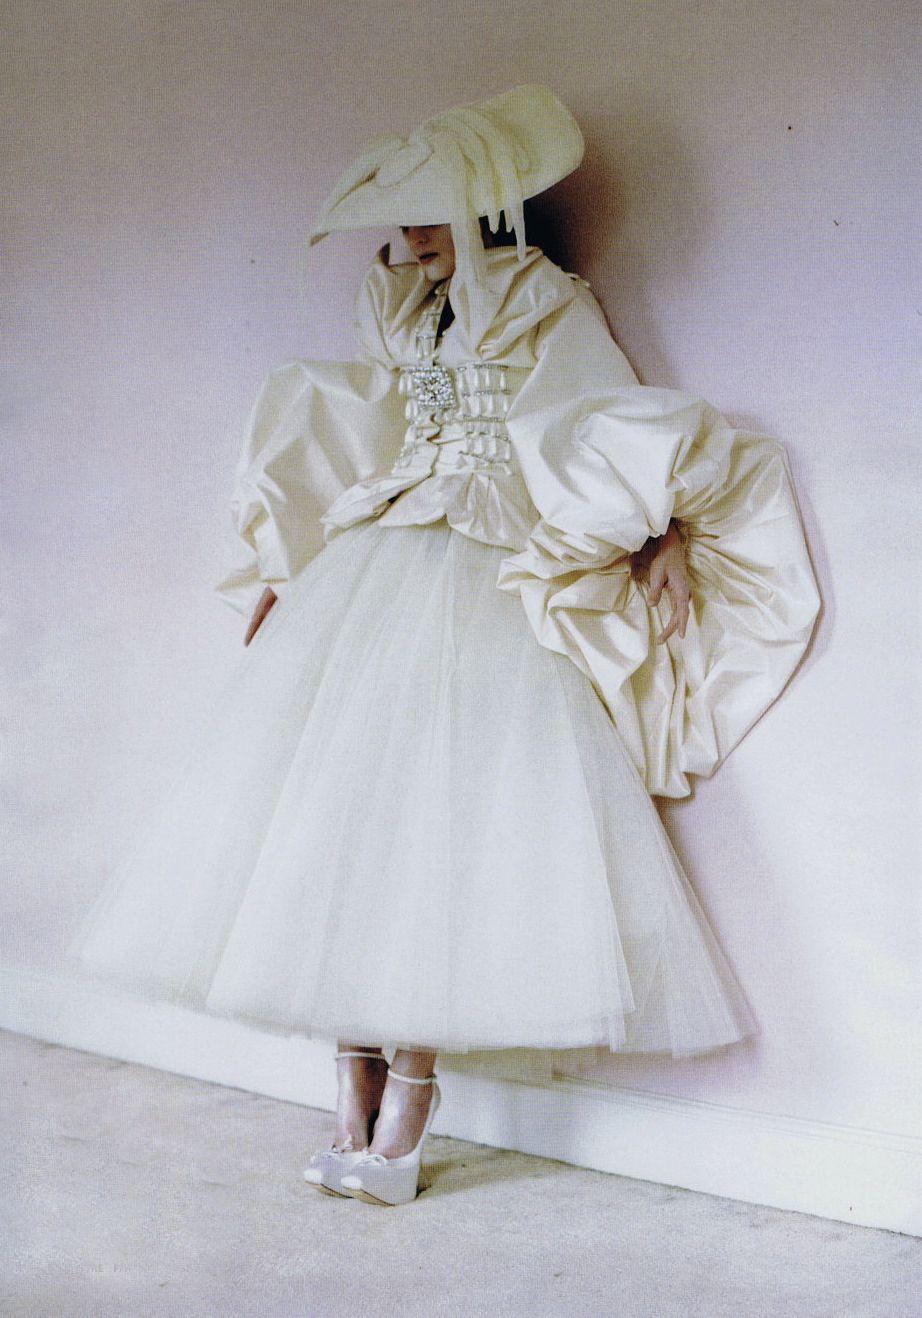 Guinevere van Seenus in Vogue Italia March 2011 by Tim Walker